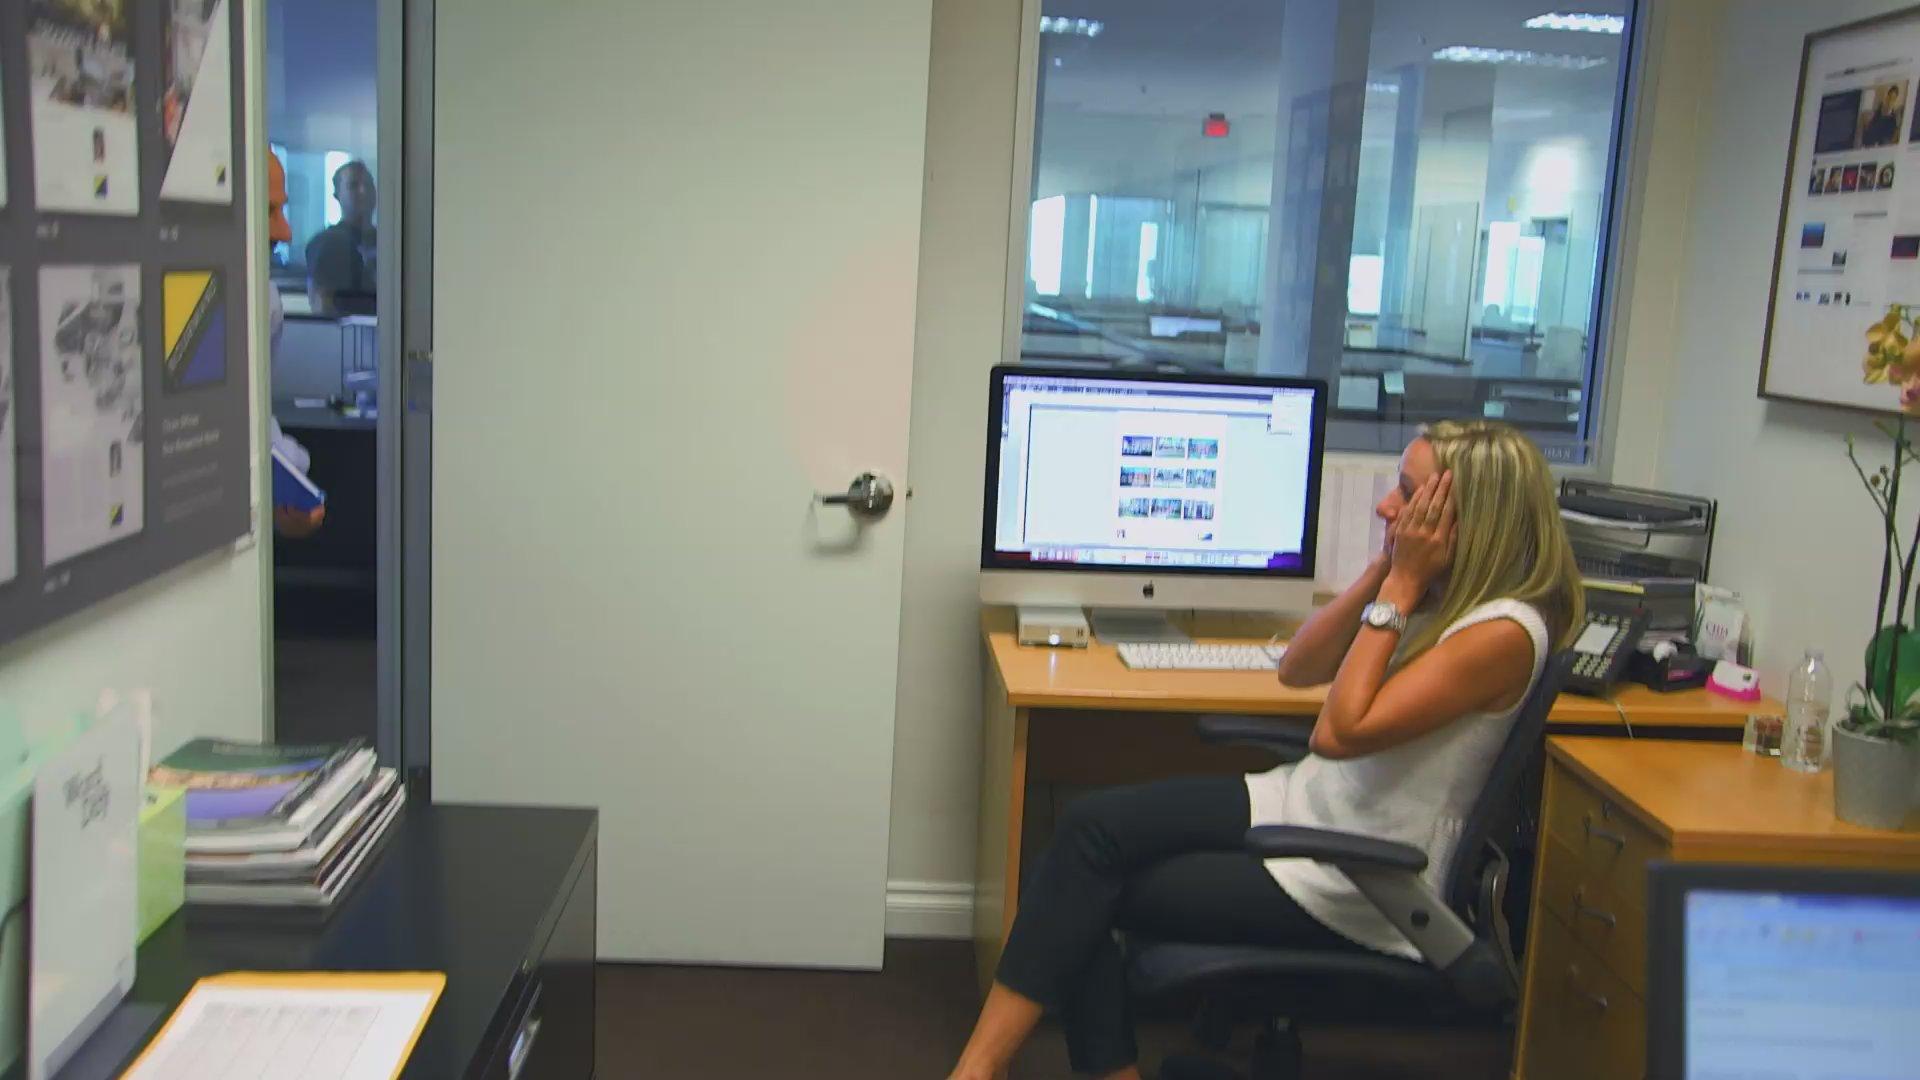 watch quit your day job sneak peek 104 the ex boyfriend factor watch quit your day job sneak peek 104 the ex boyfriend factor quit your day job videos